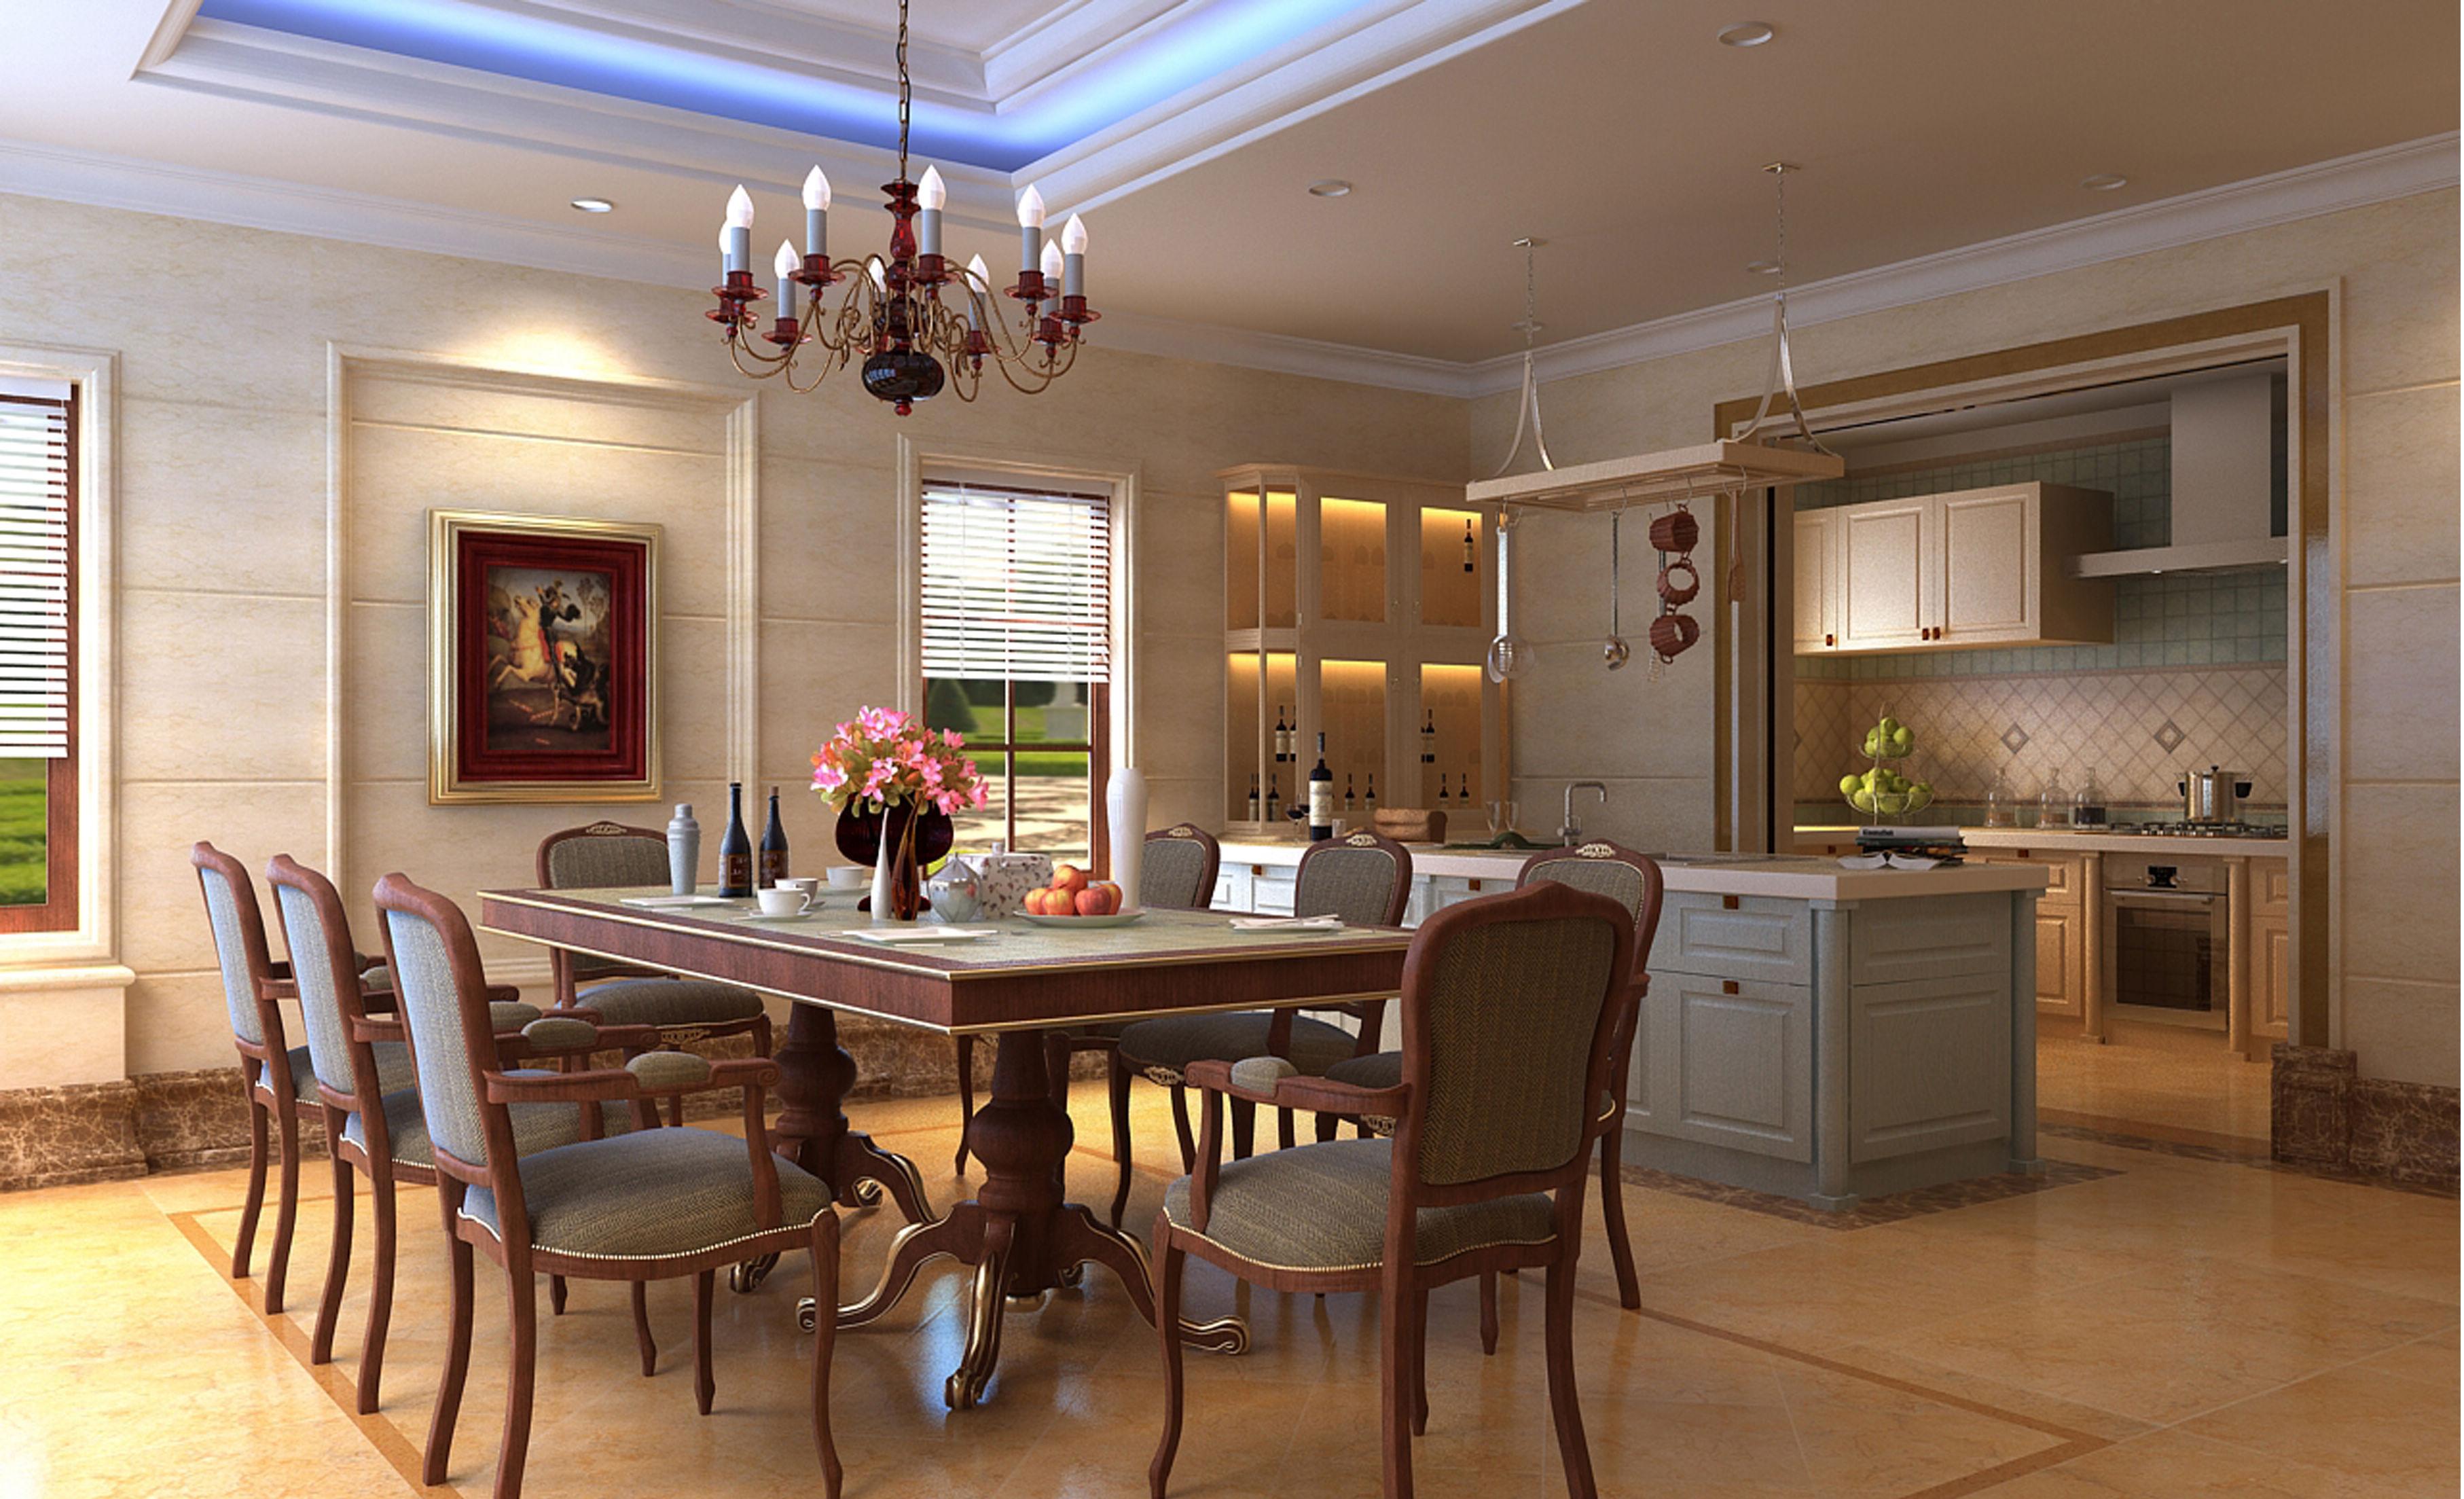 简约 欧式 餐厅图片来自框框在康城花园 简欧风格别墅设计的分享